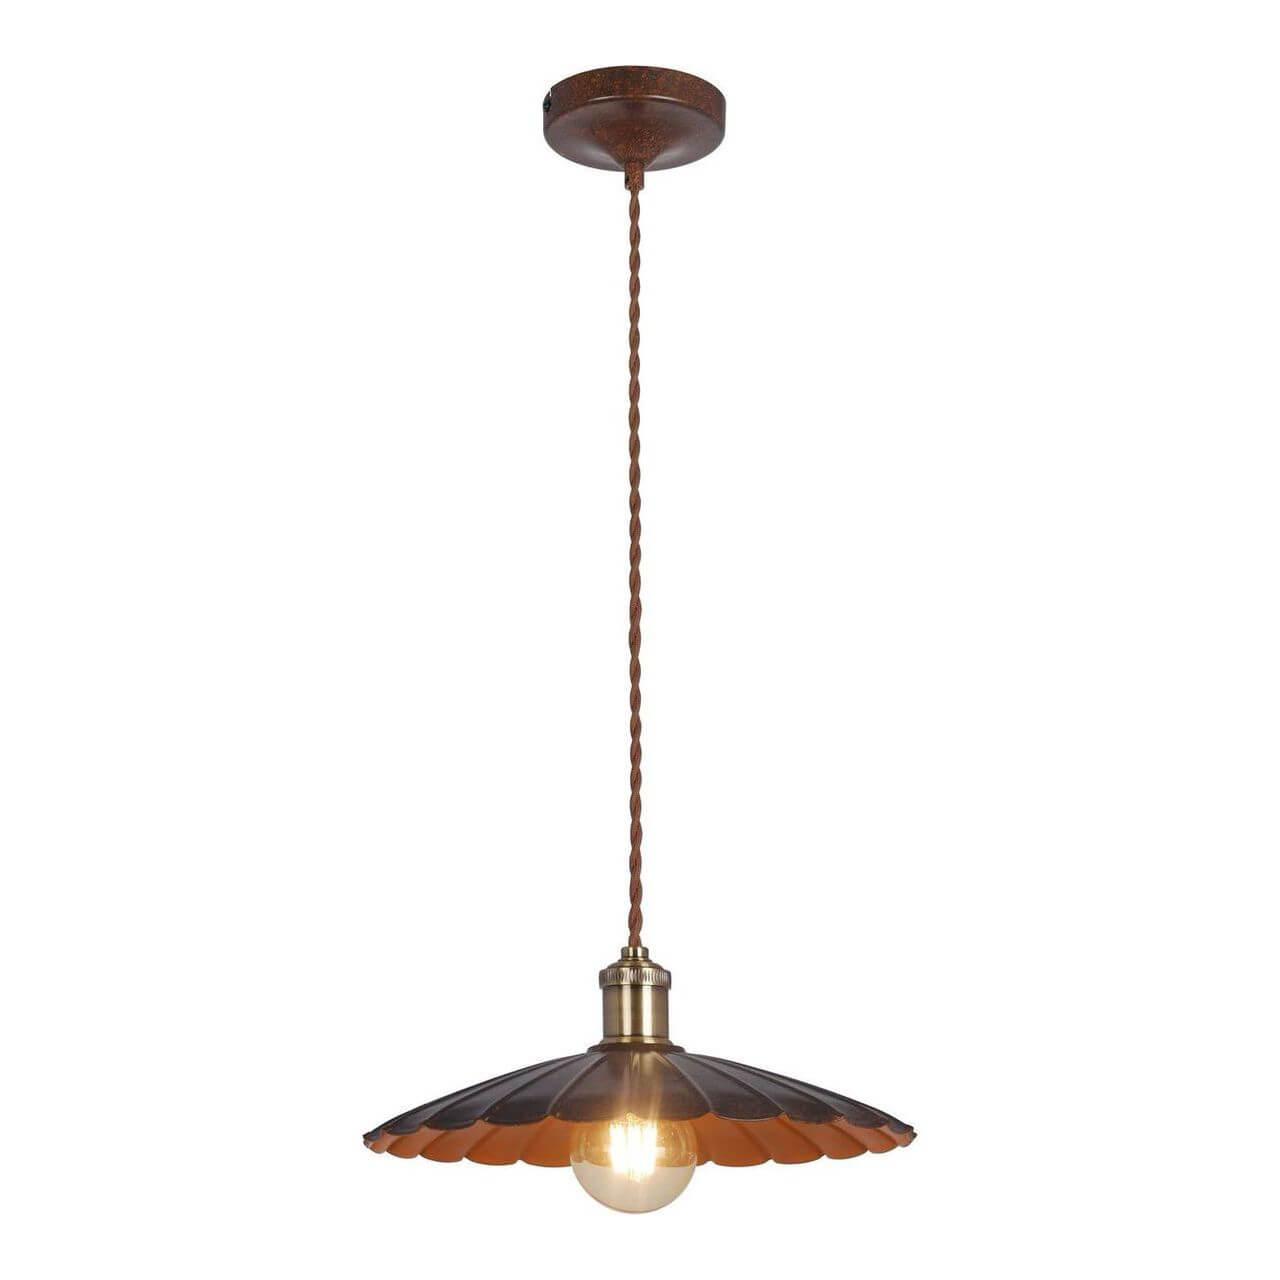 купить Подвесной светильник Britop Herbert 1613113 дешево